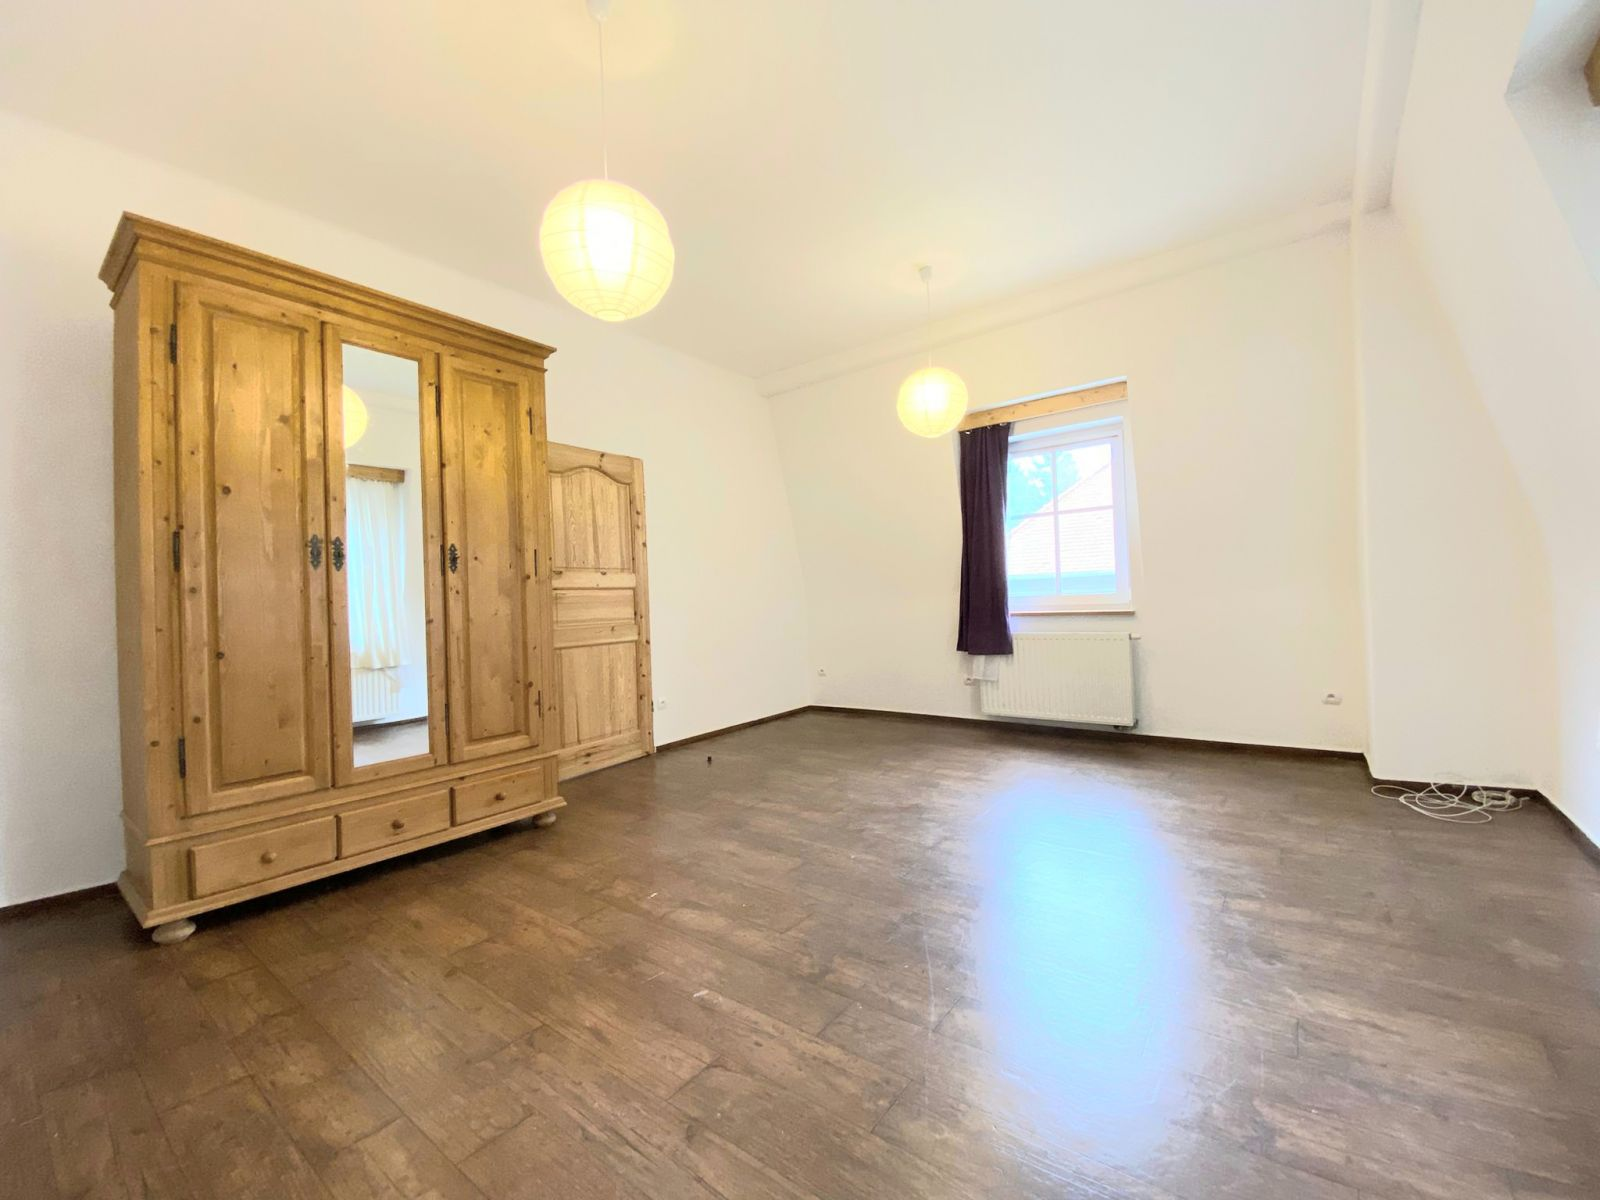 Pronájem bytu 2+1 v Liberci, náměstí pod Branou, Liebigovo městečko